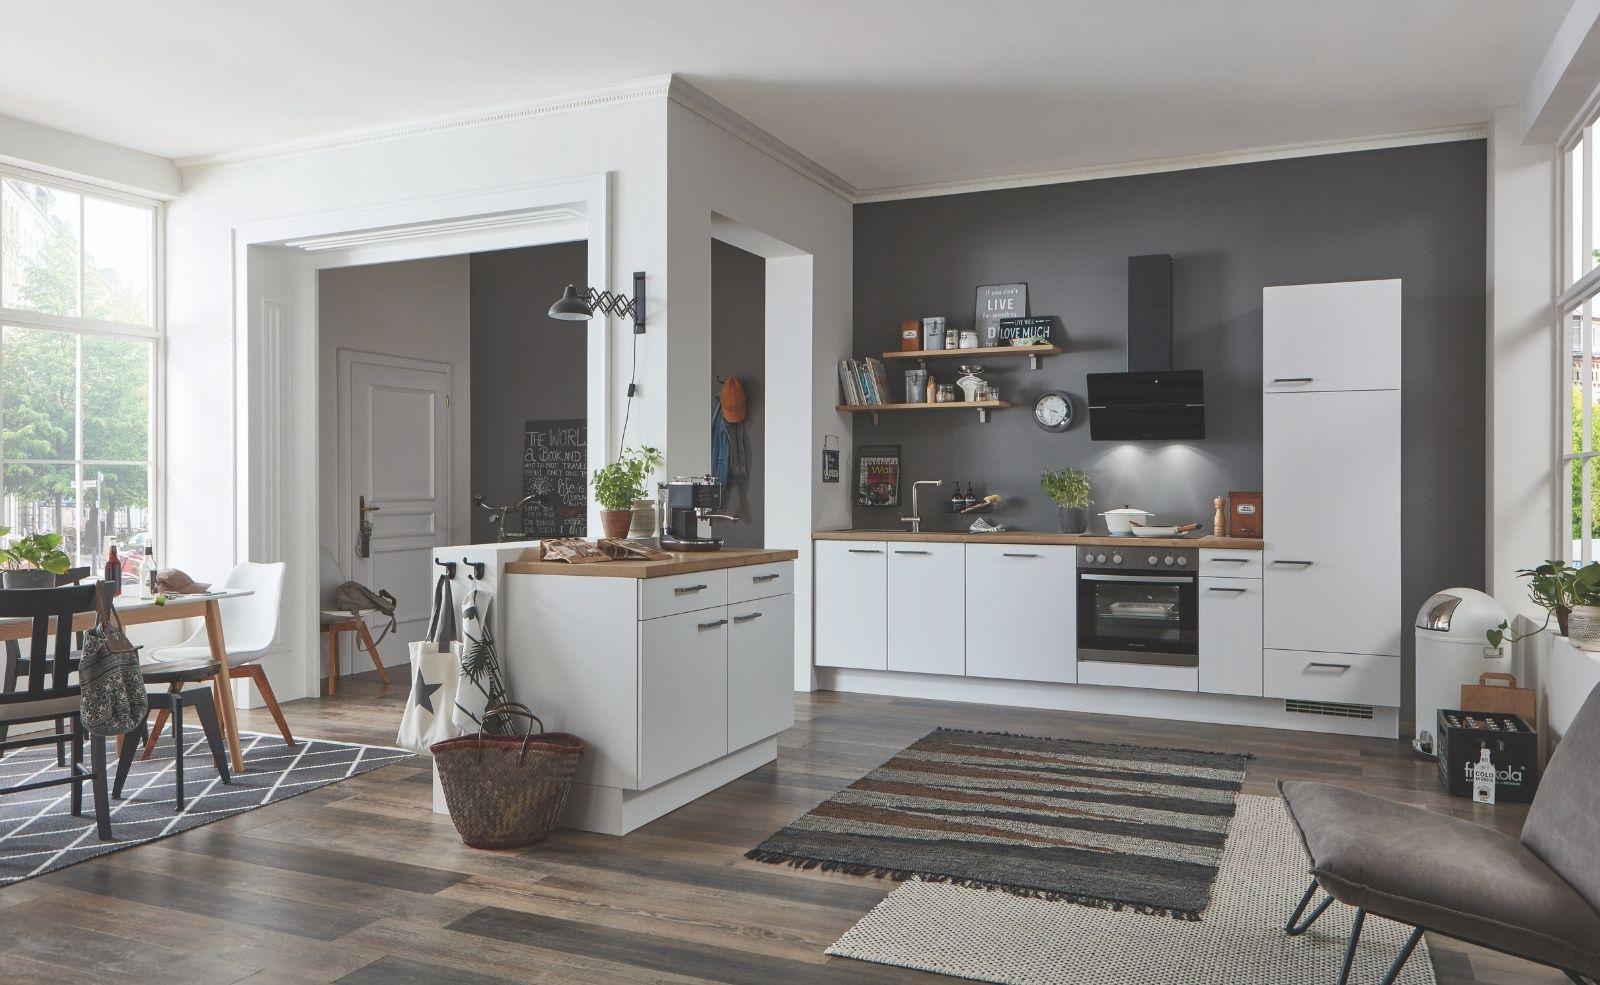 Küche für Mietwohnung schnell und günstig planen